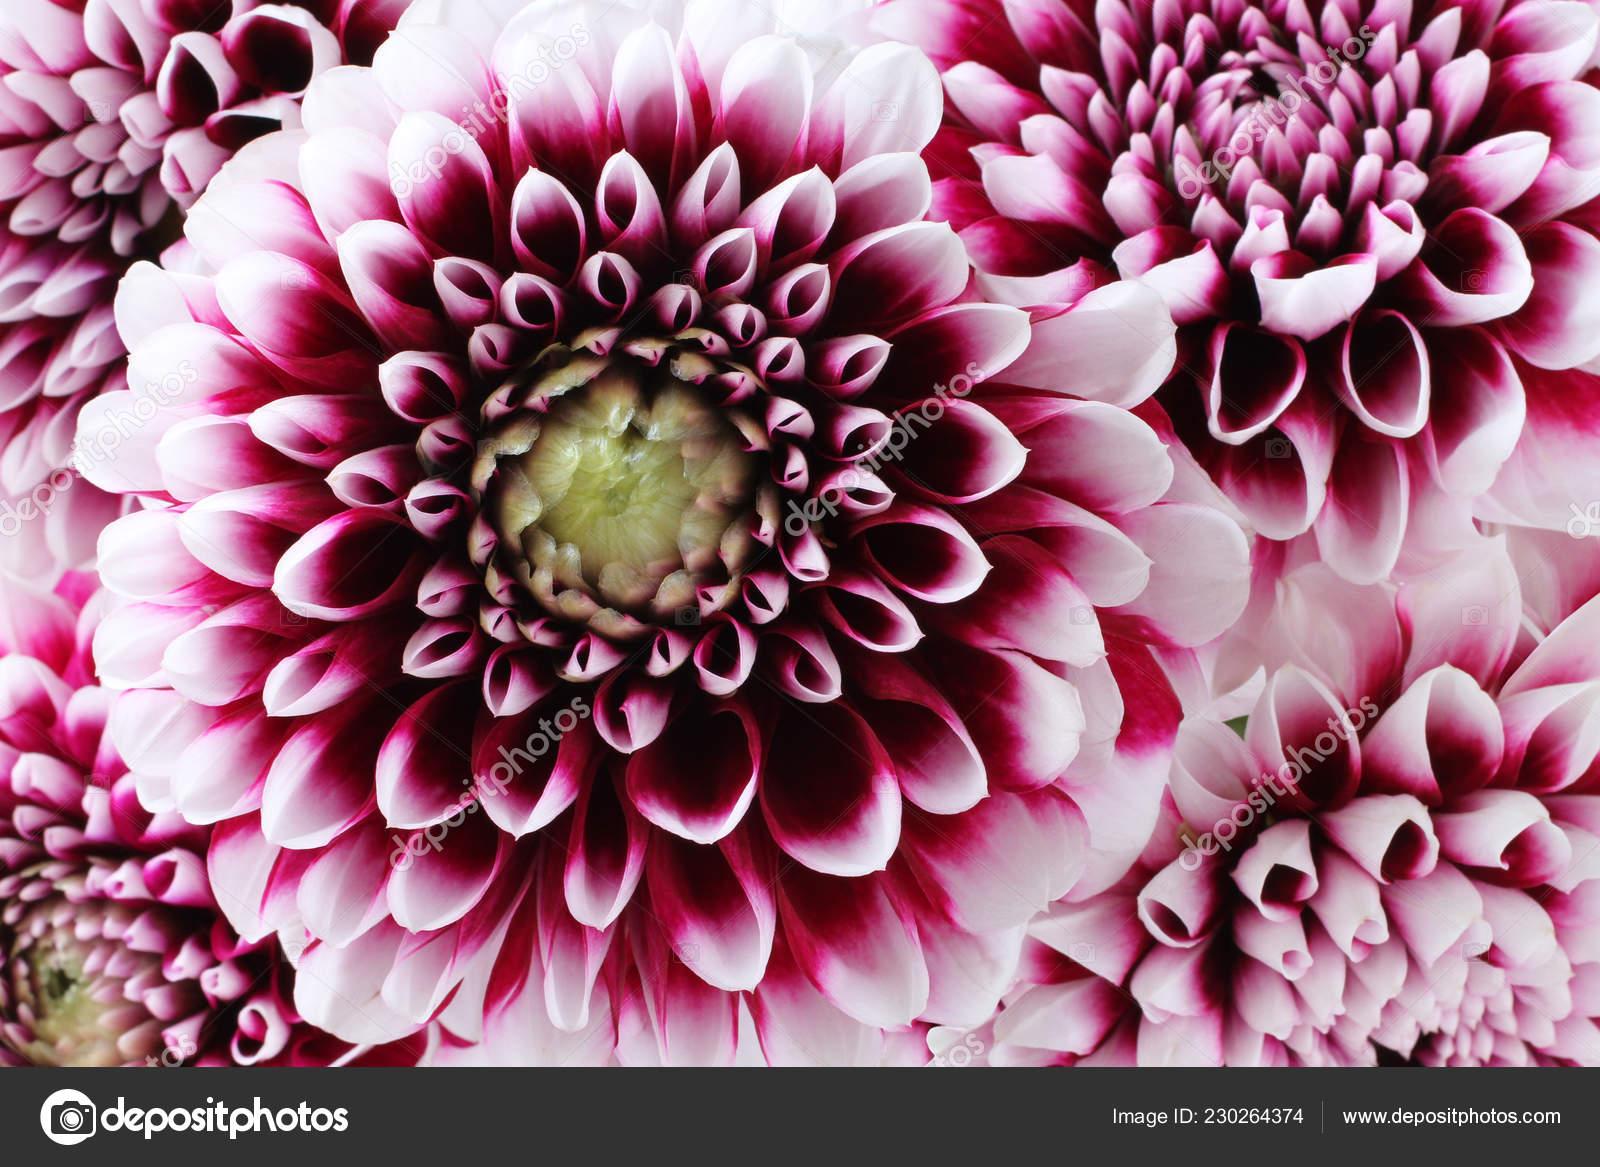 Bouquet Five Purple Dahlia White Edges Petals Flowers Closeup Macro Stock Photo Image By C M Photographer 230264374